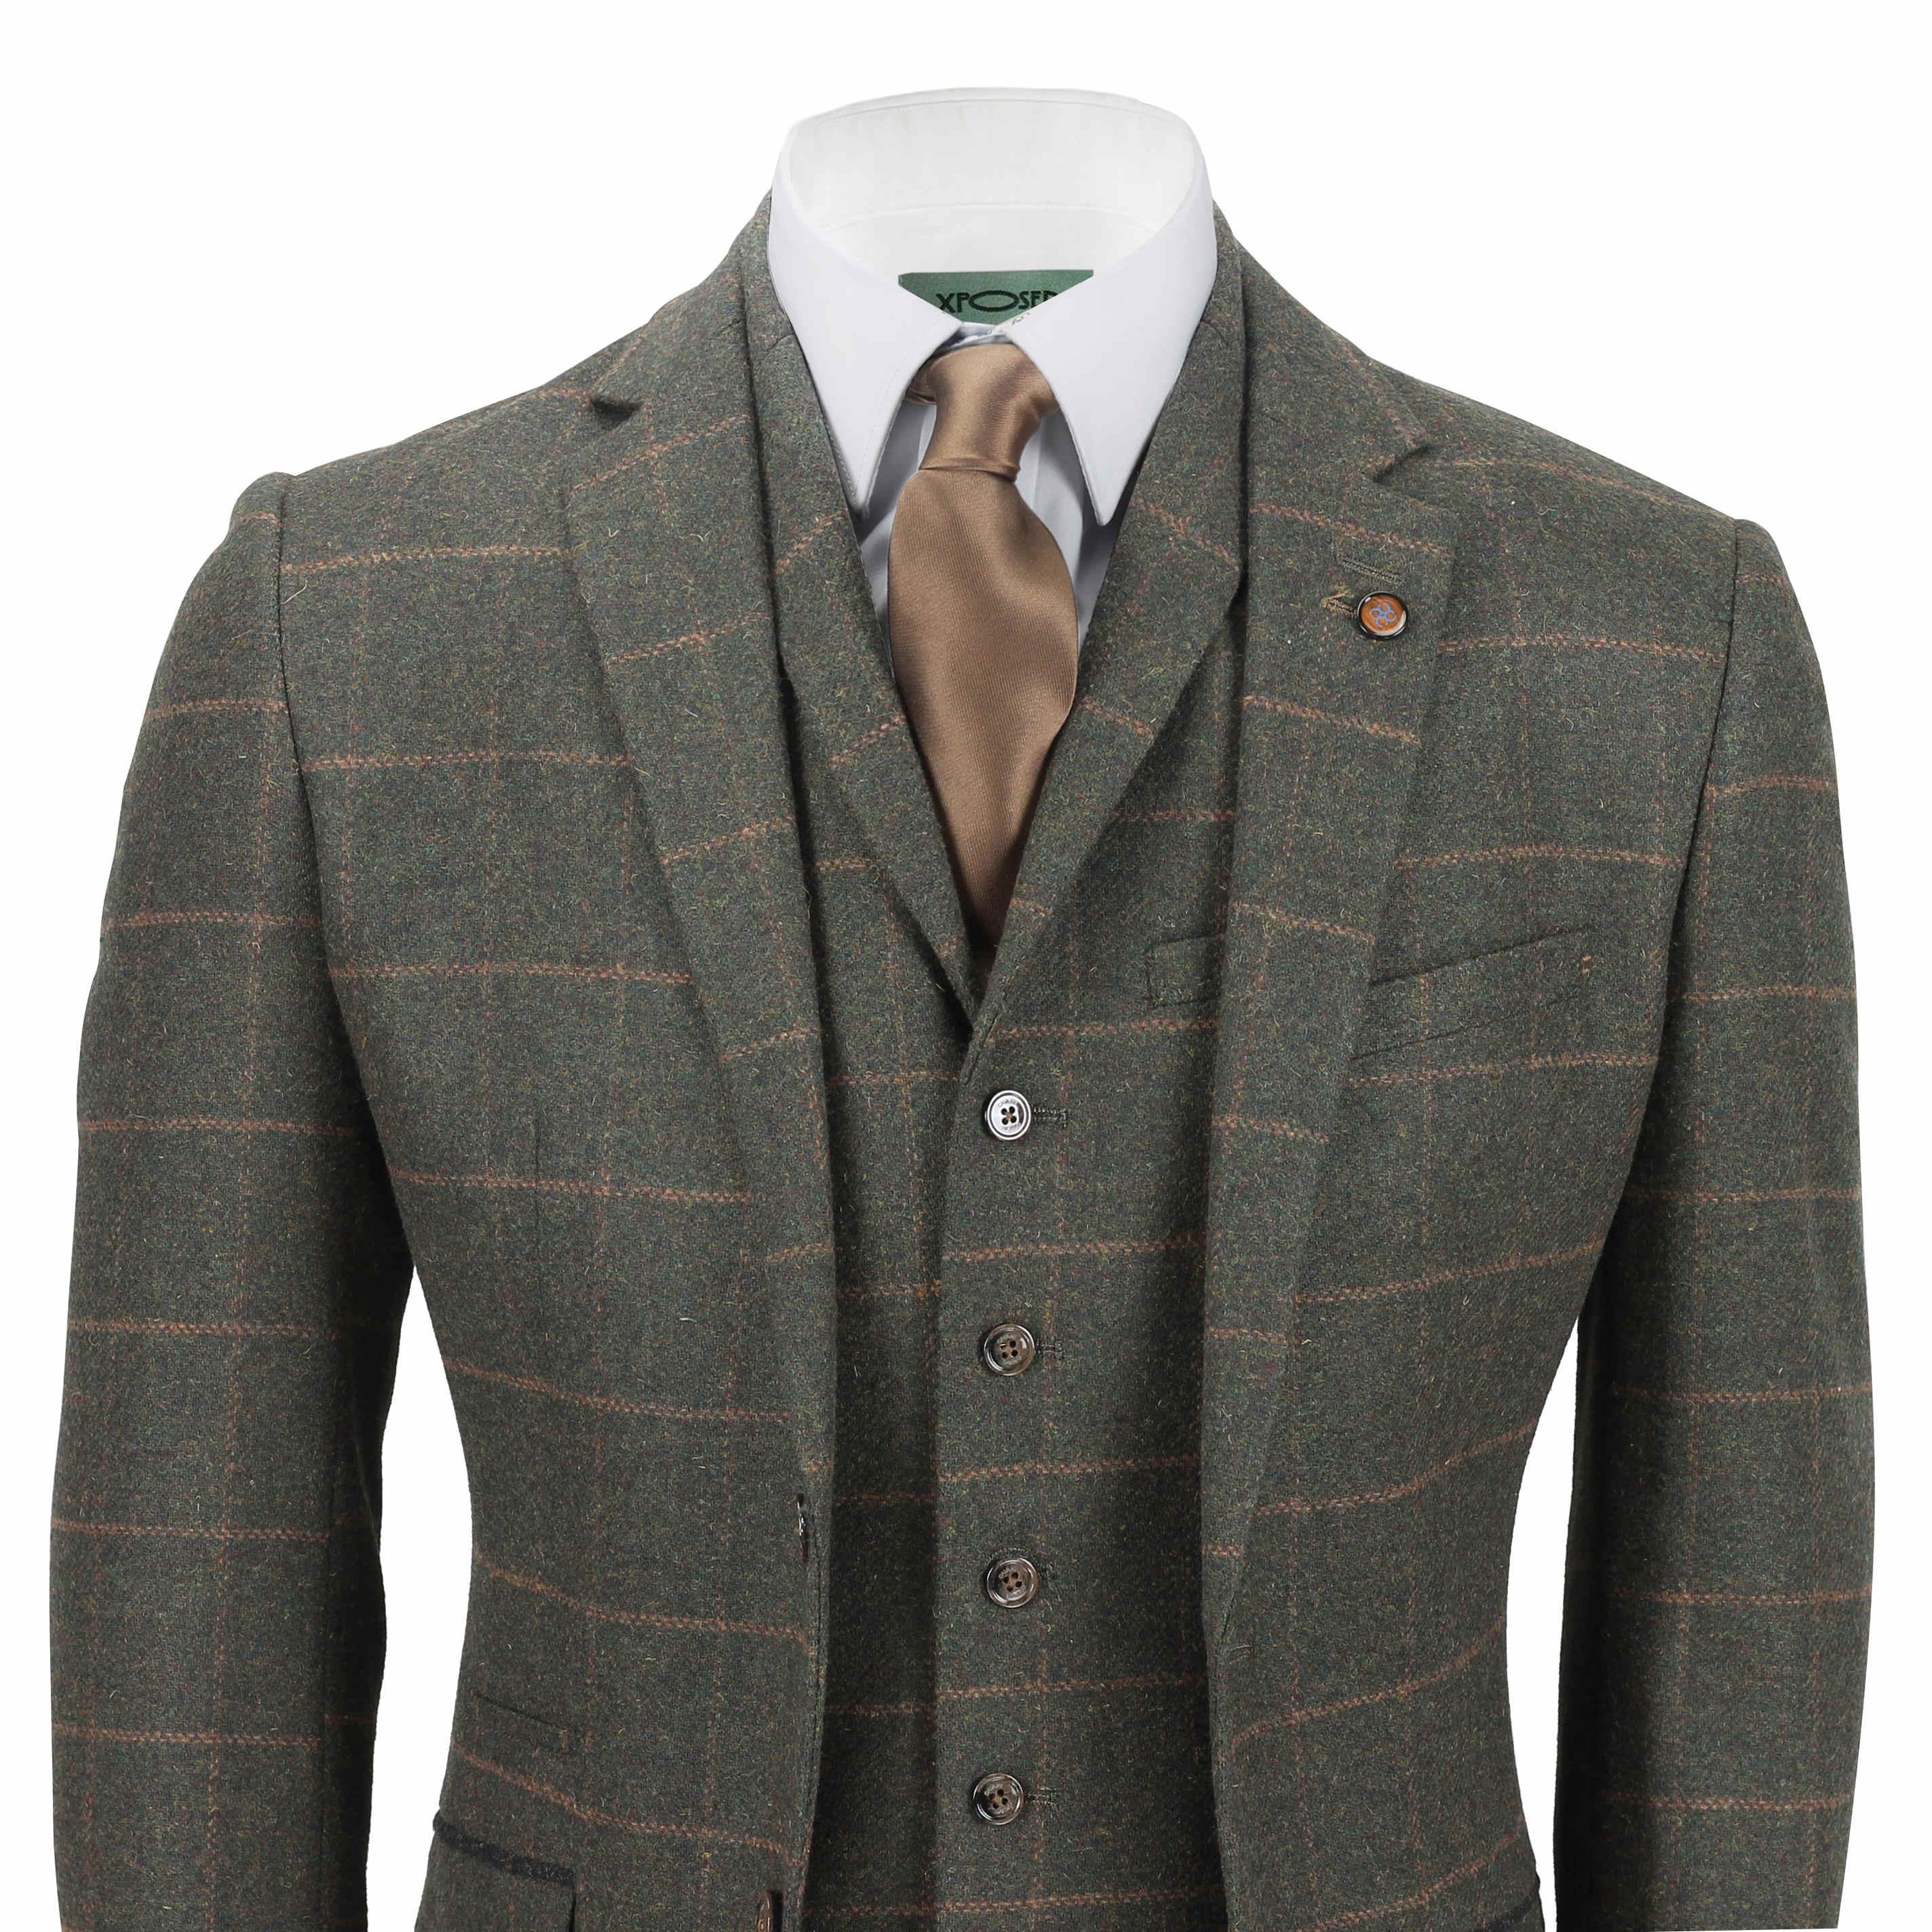 Wool Man Sute Wedding: Mens 3 Piece Tweed Wool Suit Green Vintage Herringbone